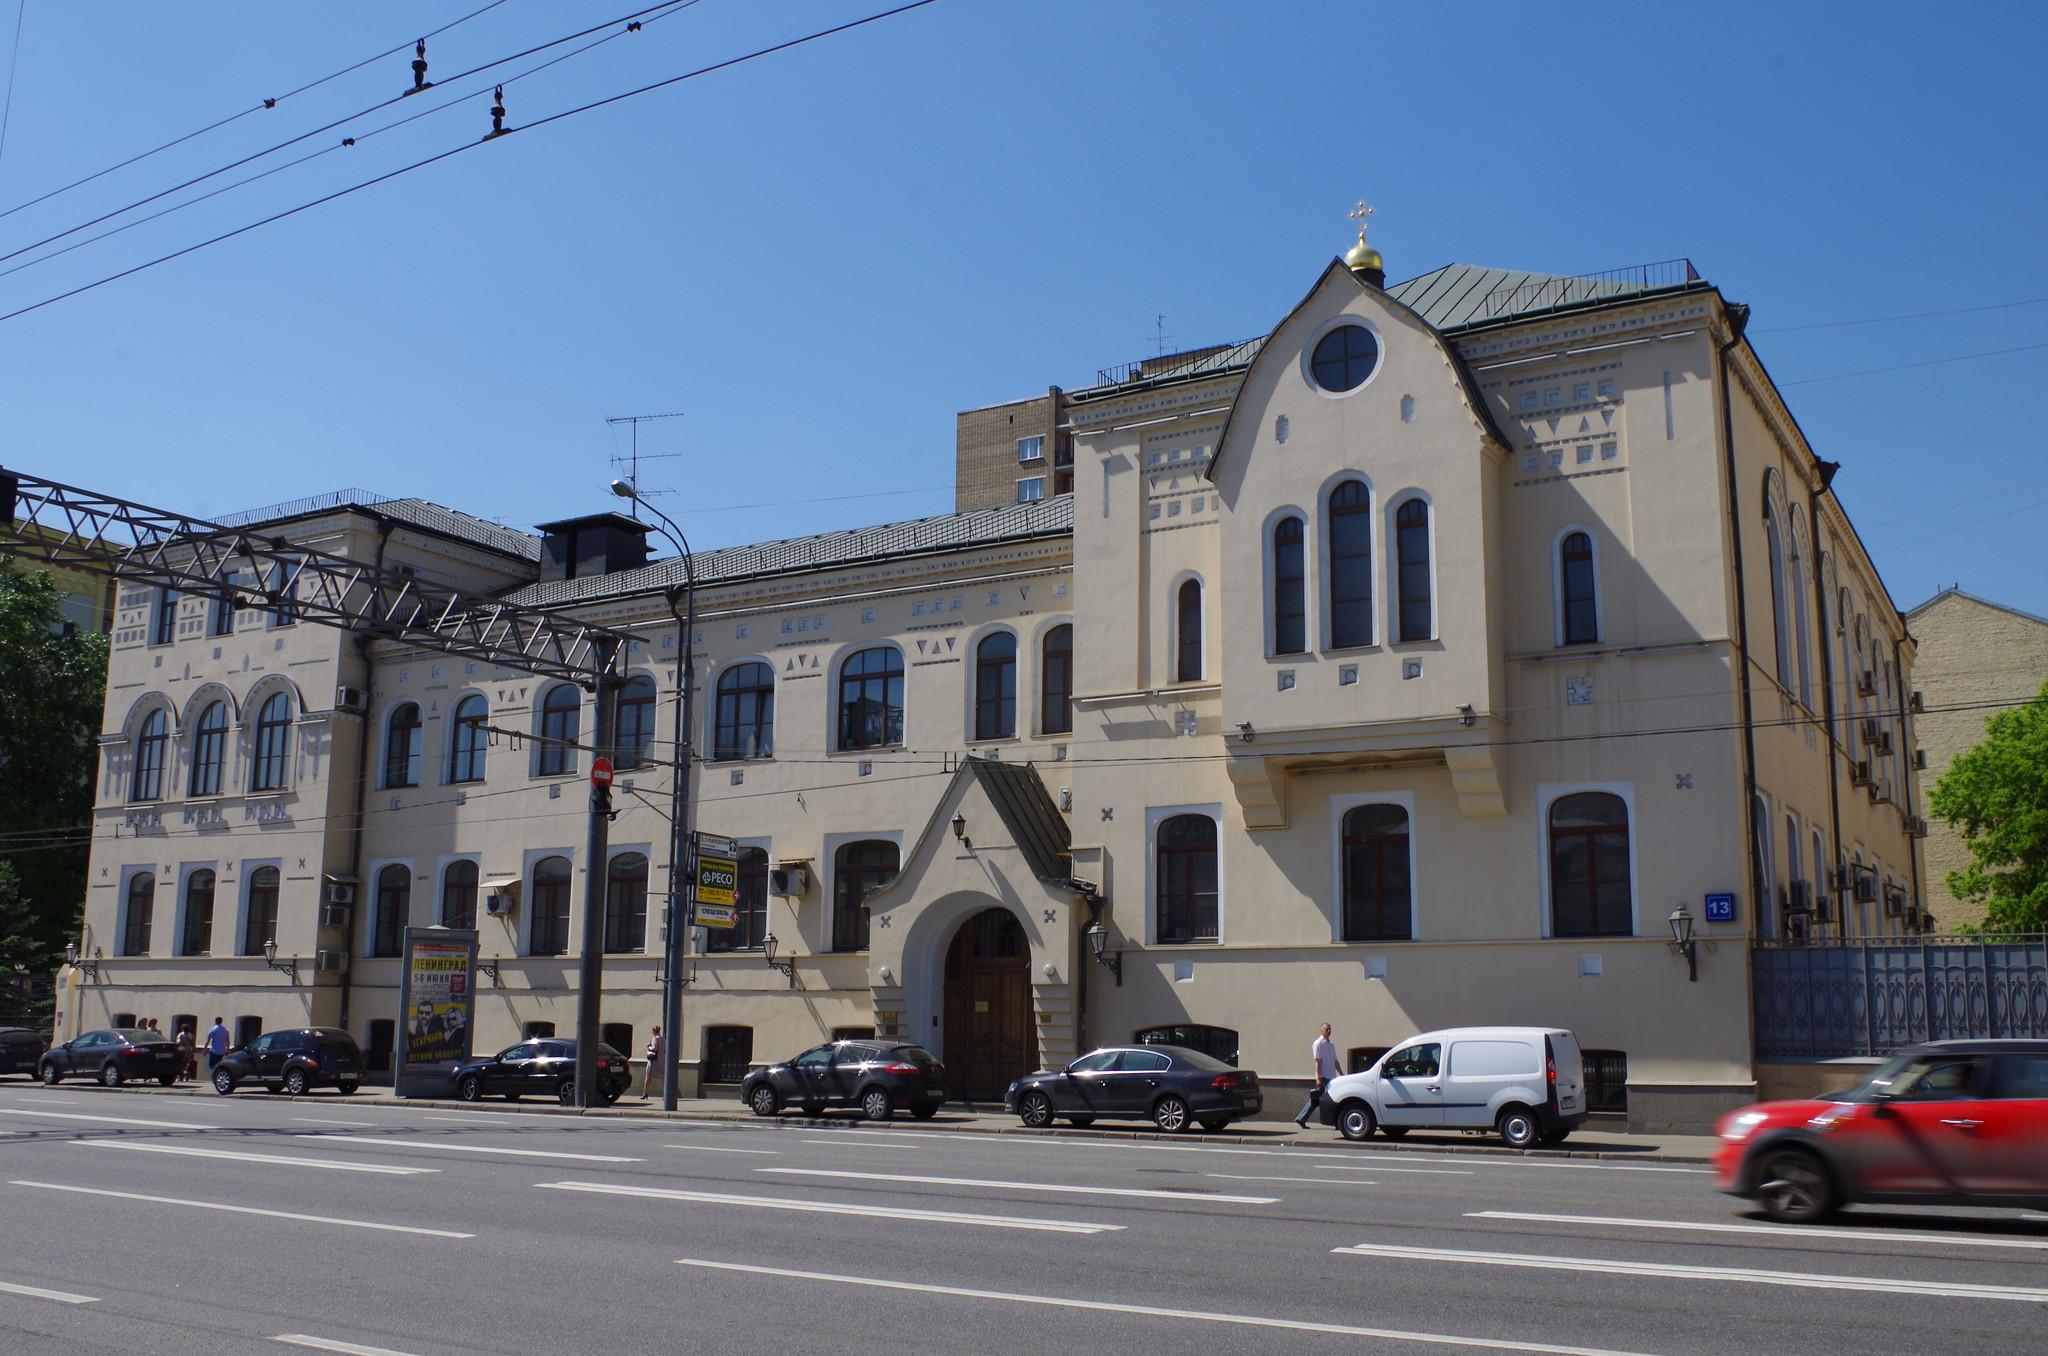 Бывшее здание приюта Общества призрения, воспитания и обучения слепых детей с церковью Марии Магдалины, в Москве (Проспект Мира, дом 13)